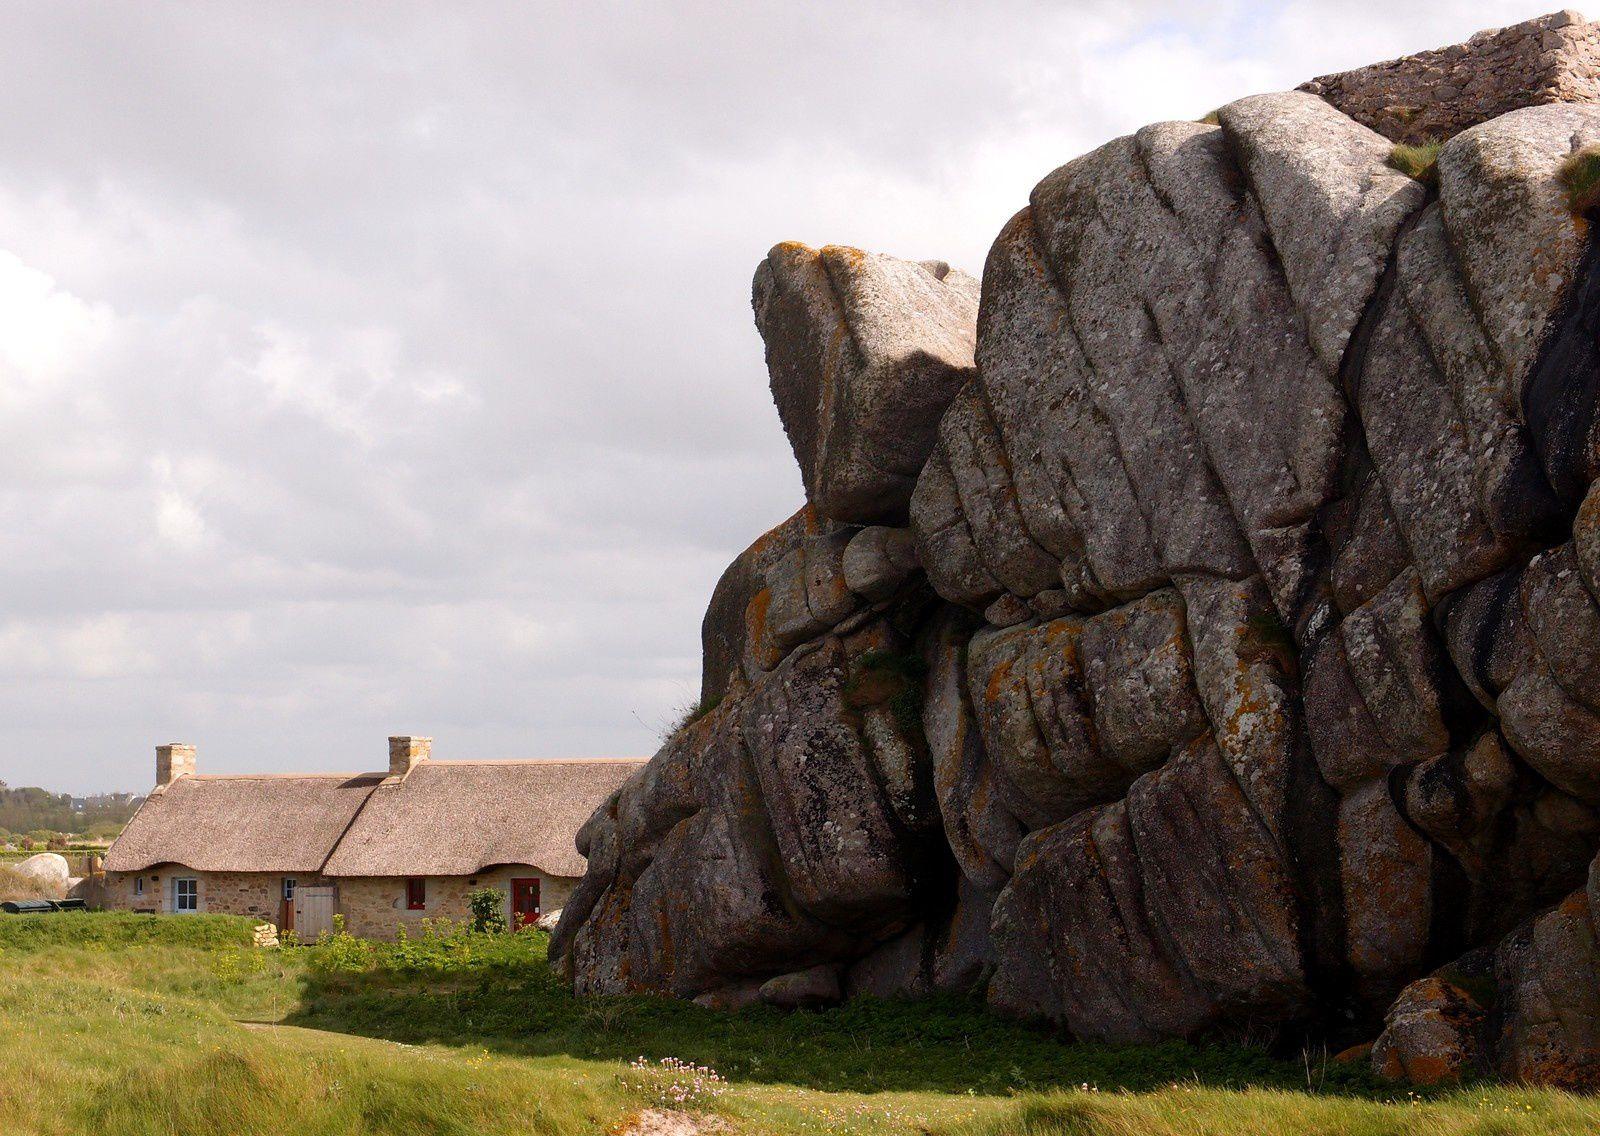 le pays où les maisons sont plus petites ques les rochers